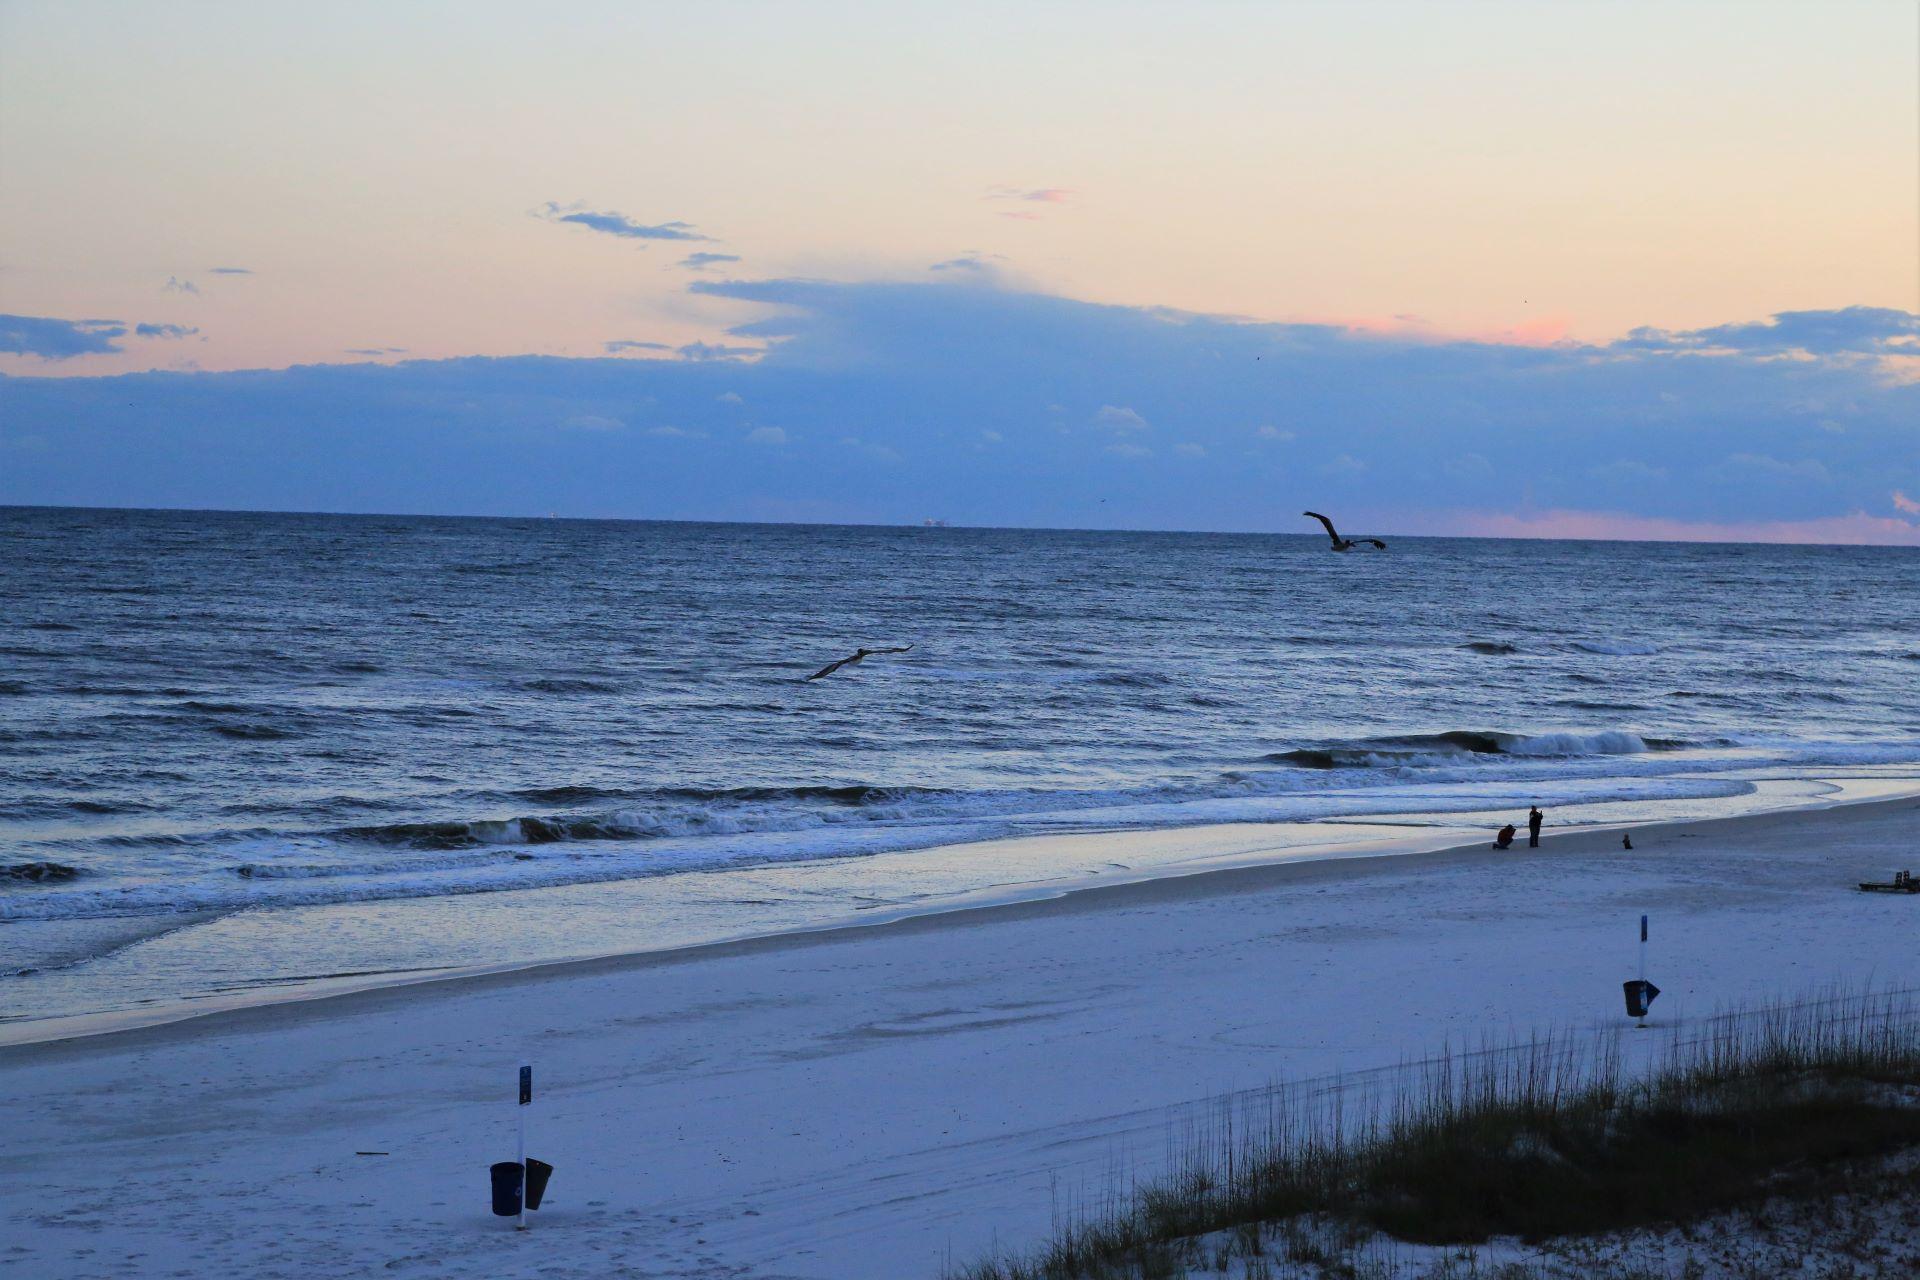 Enjoy calm evenings watching the sunset.